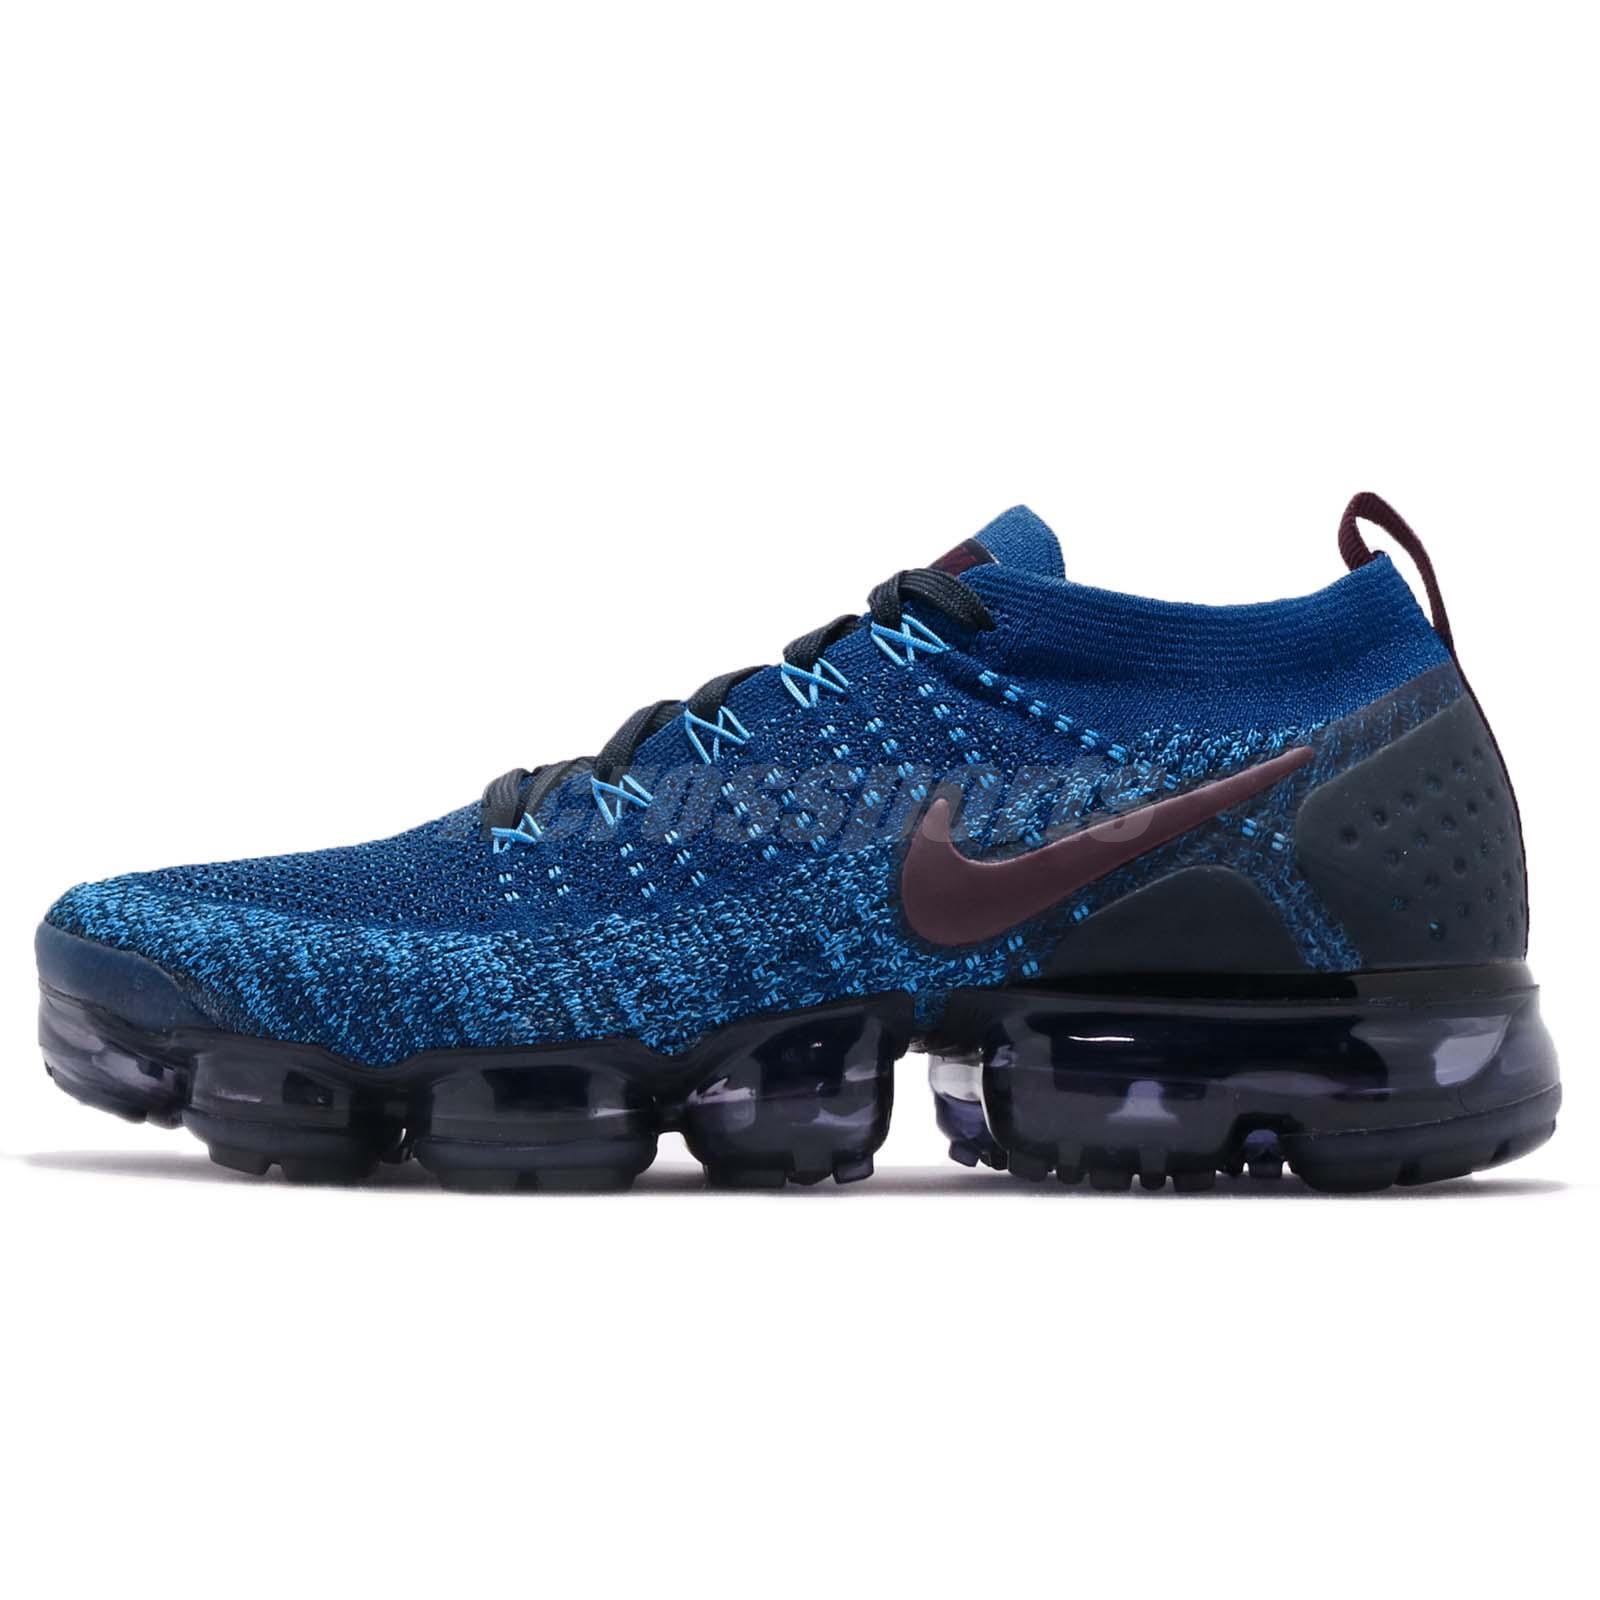 4bba3a986201 Nike Air Vapormax Flyknit 2 II Gym Blue Navy Men Running Shoe Sneaker  942842-401